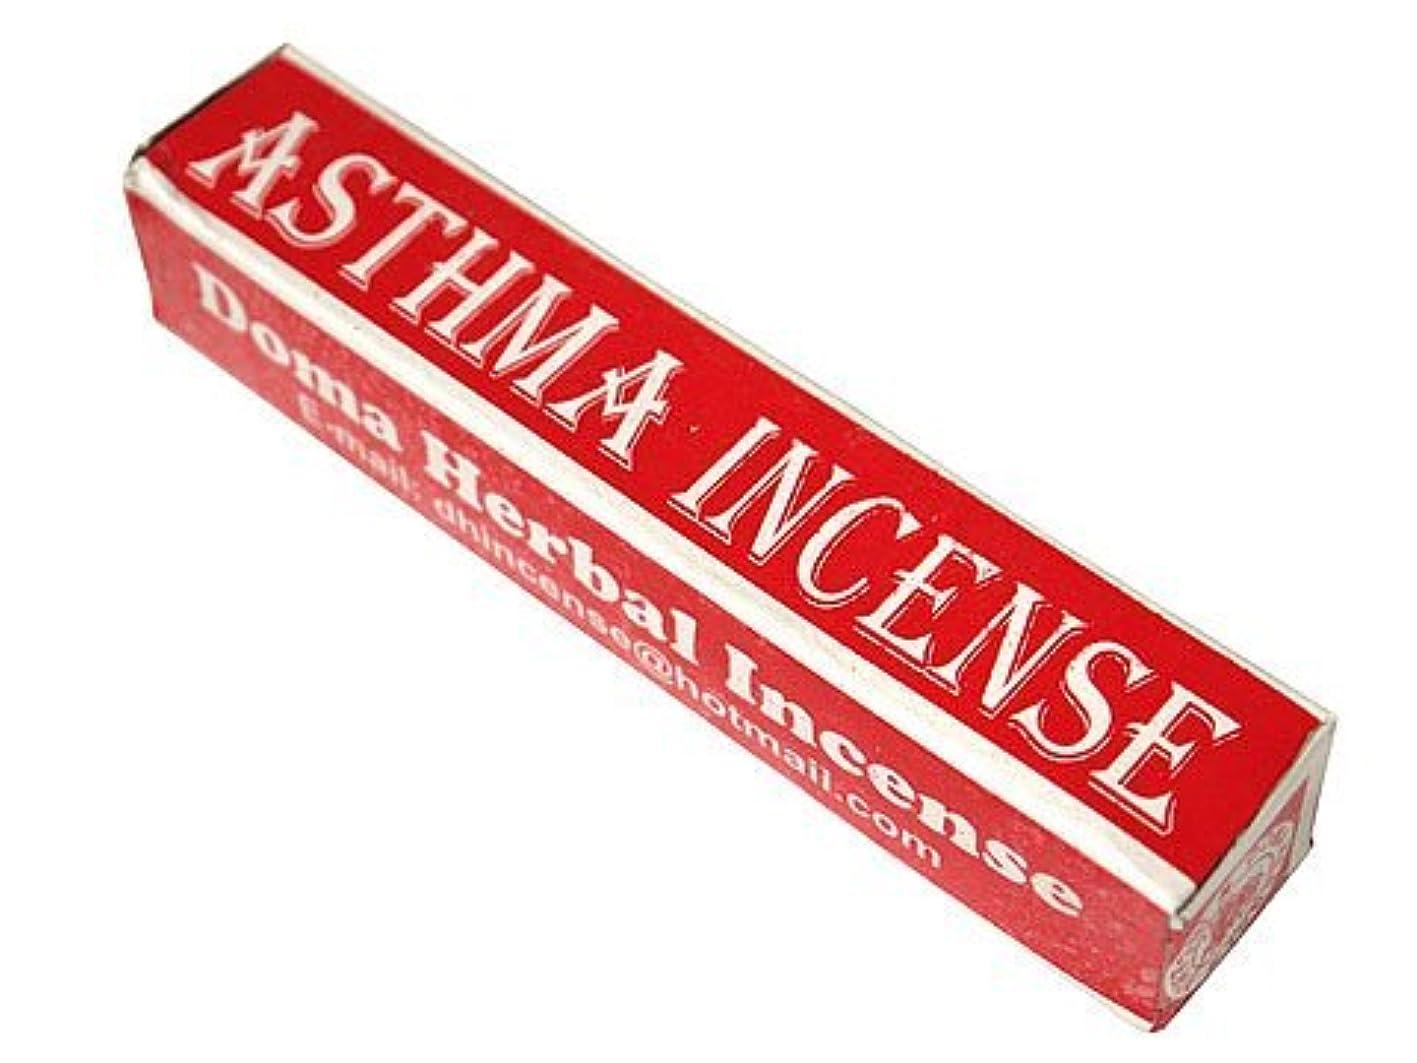 原点韓国語名前ドマハーバルインセンス Doma Herbal Incense【ASTHMA アスタマ】